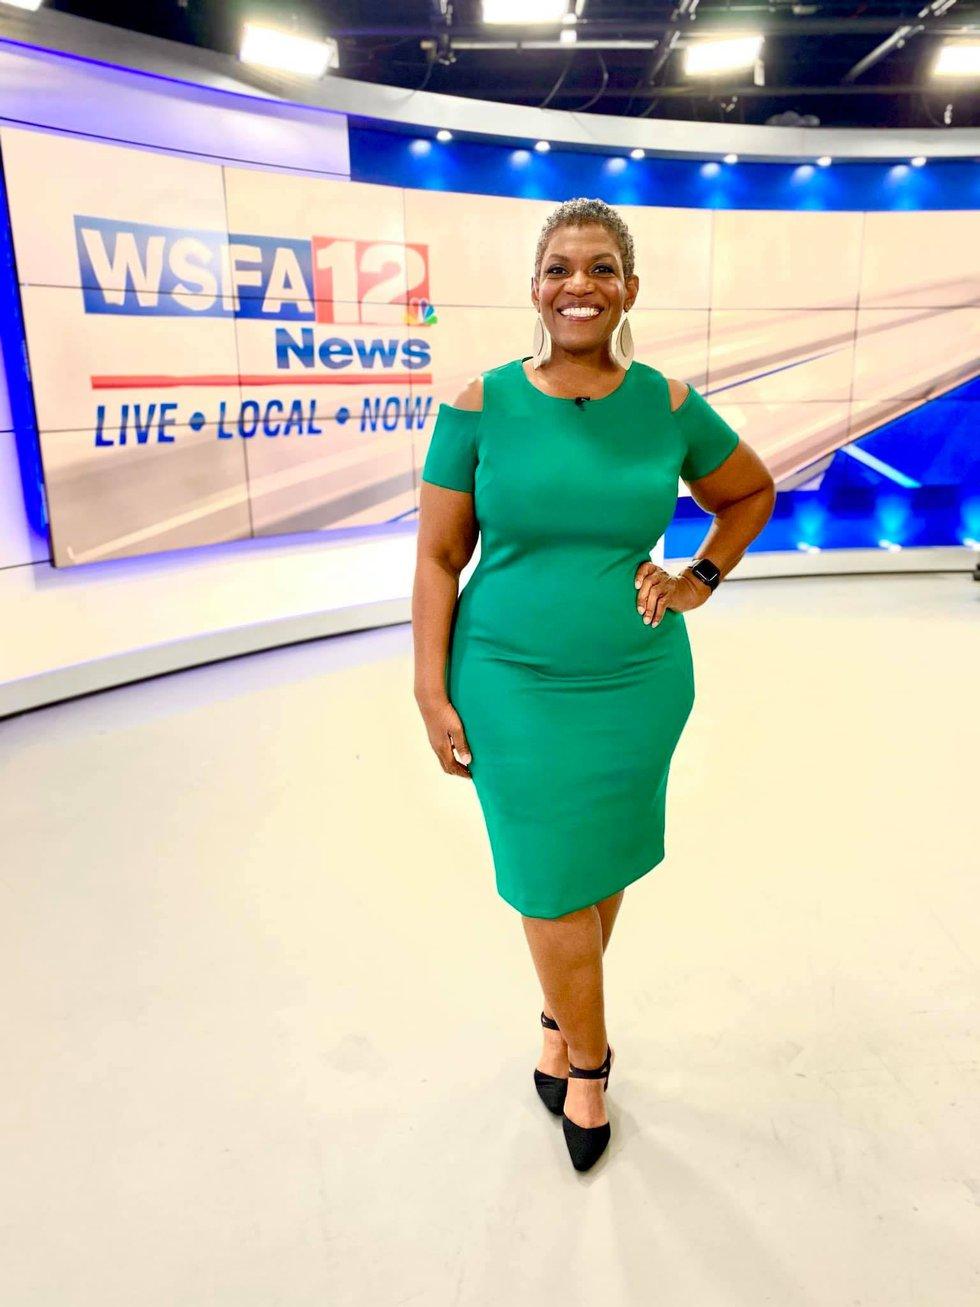 Tonya at WSFA 12 News' 445 Dexter Avenue location.